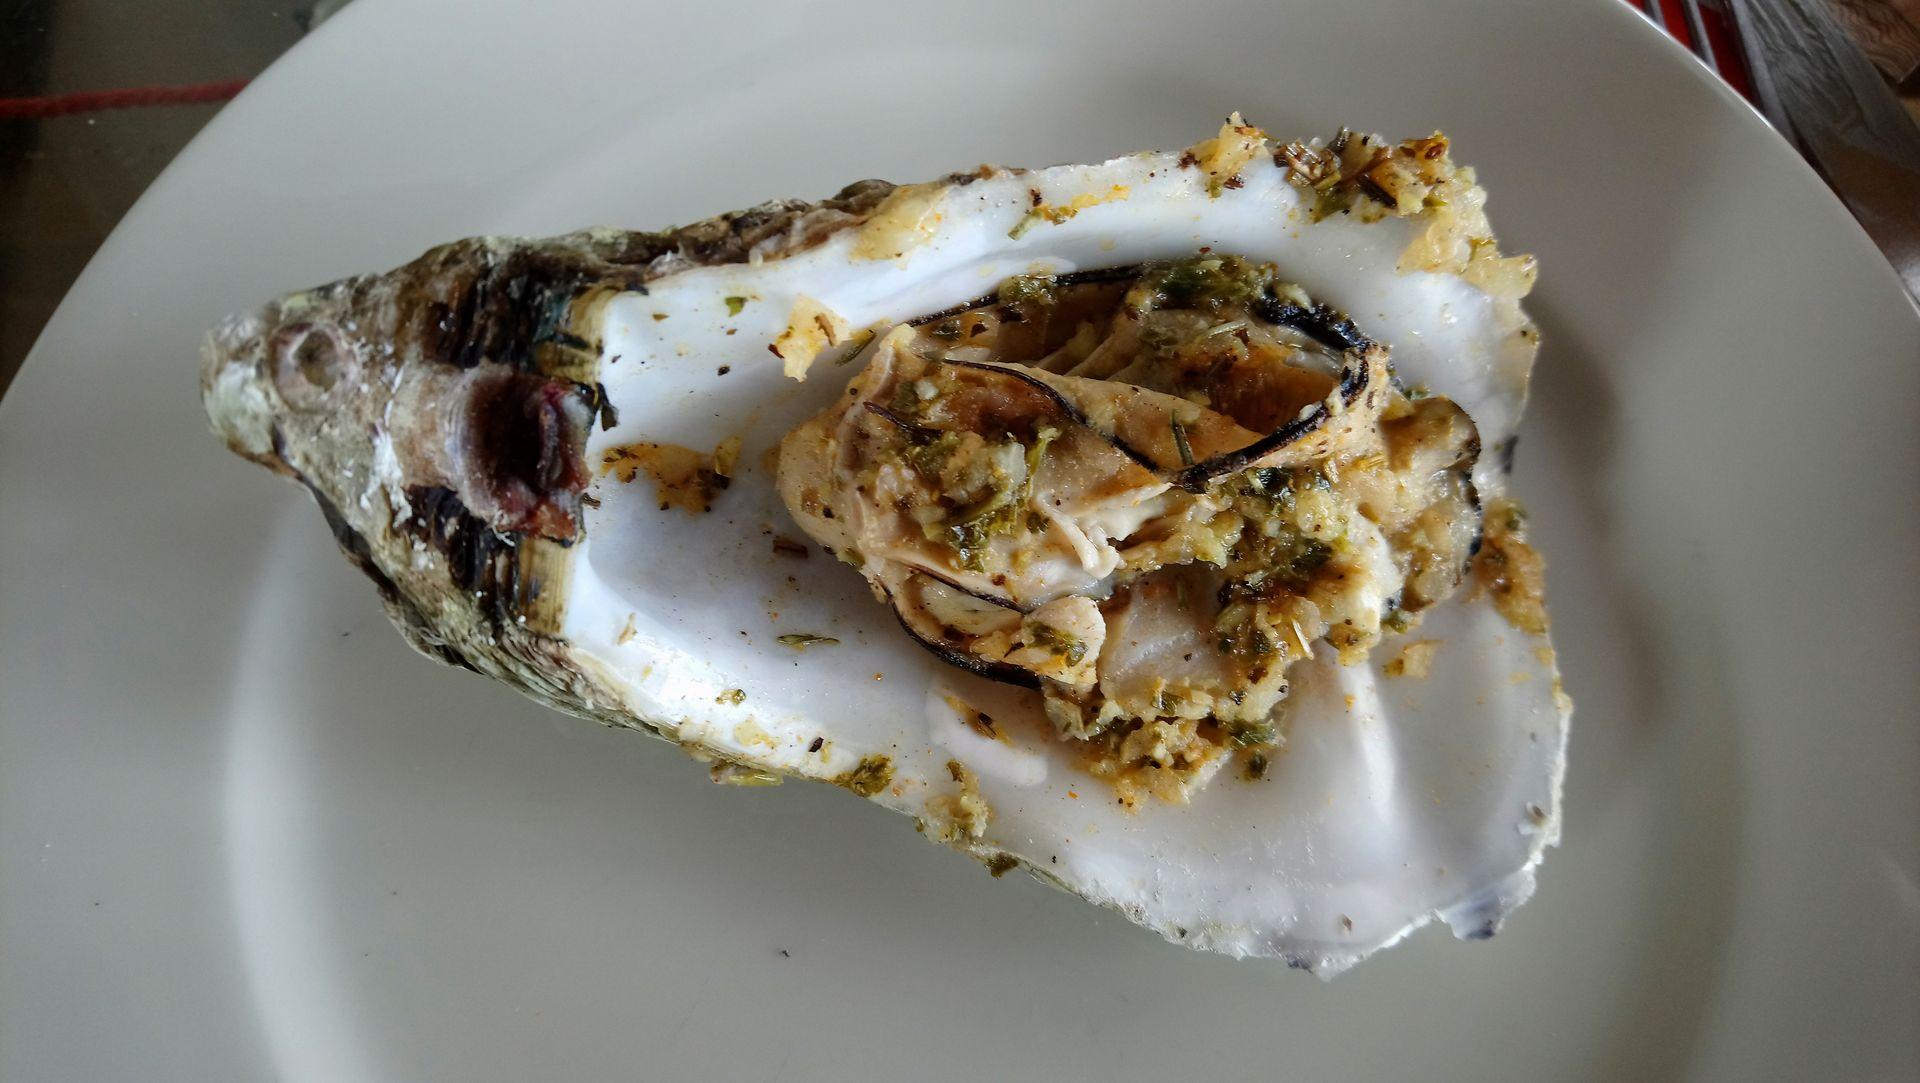 Huître gratinée dans une assiette